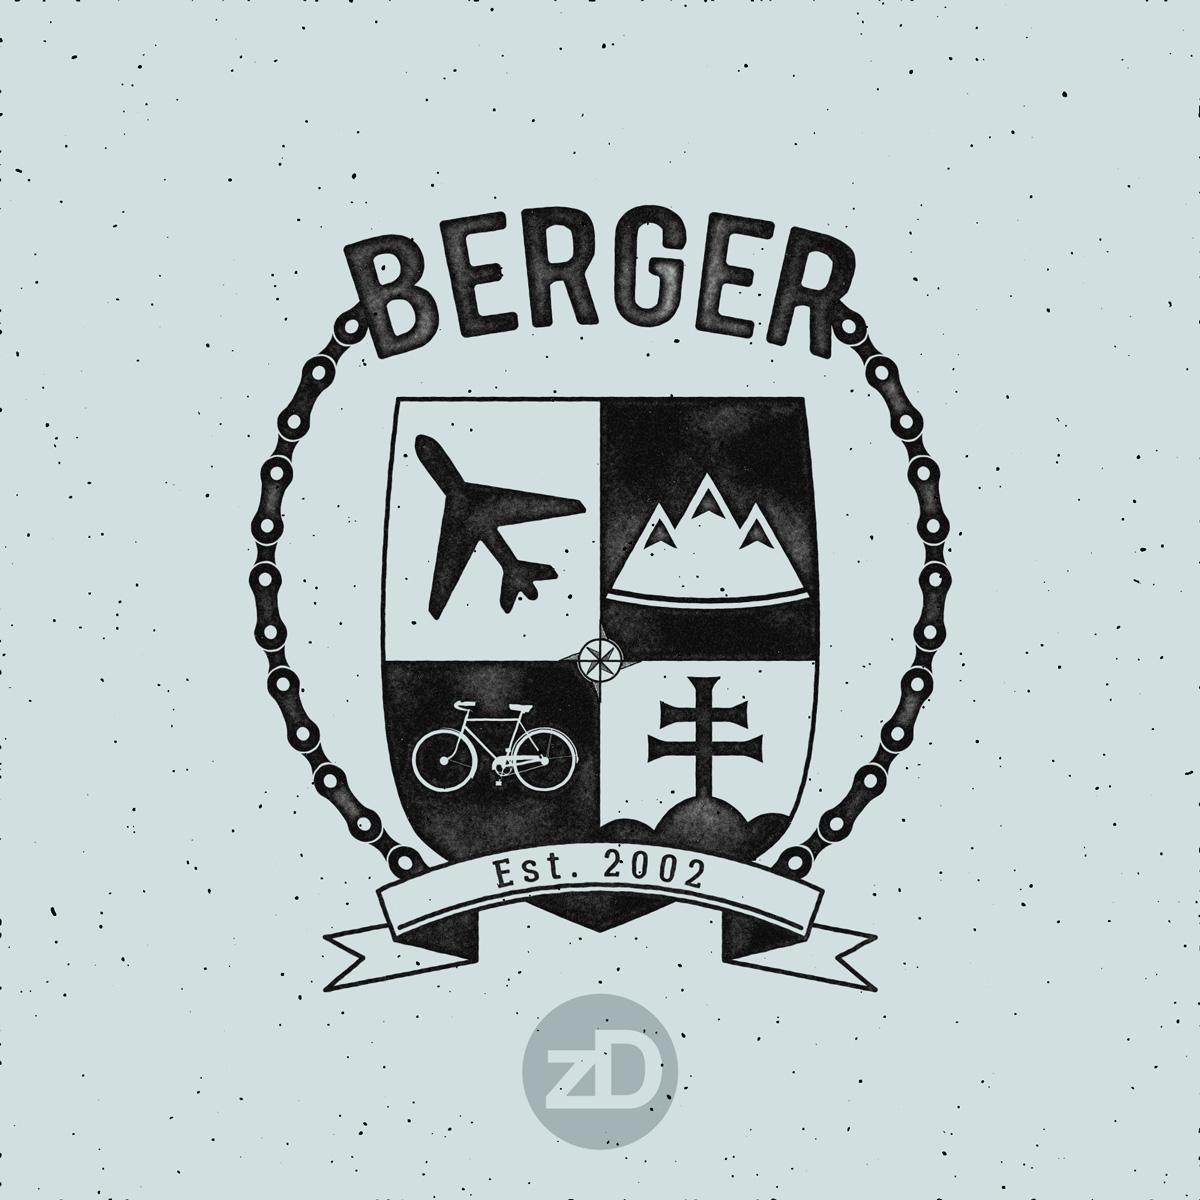 Zirkus Design | Modern Family Crest Design + Inspiration : Stamped Dry Ink Look